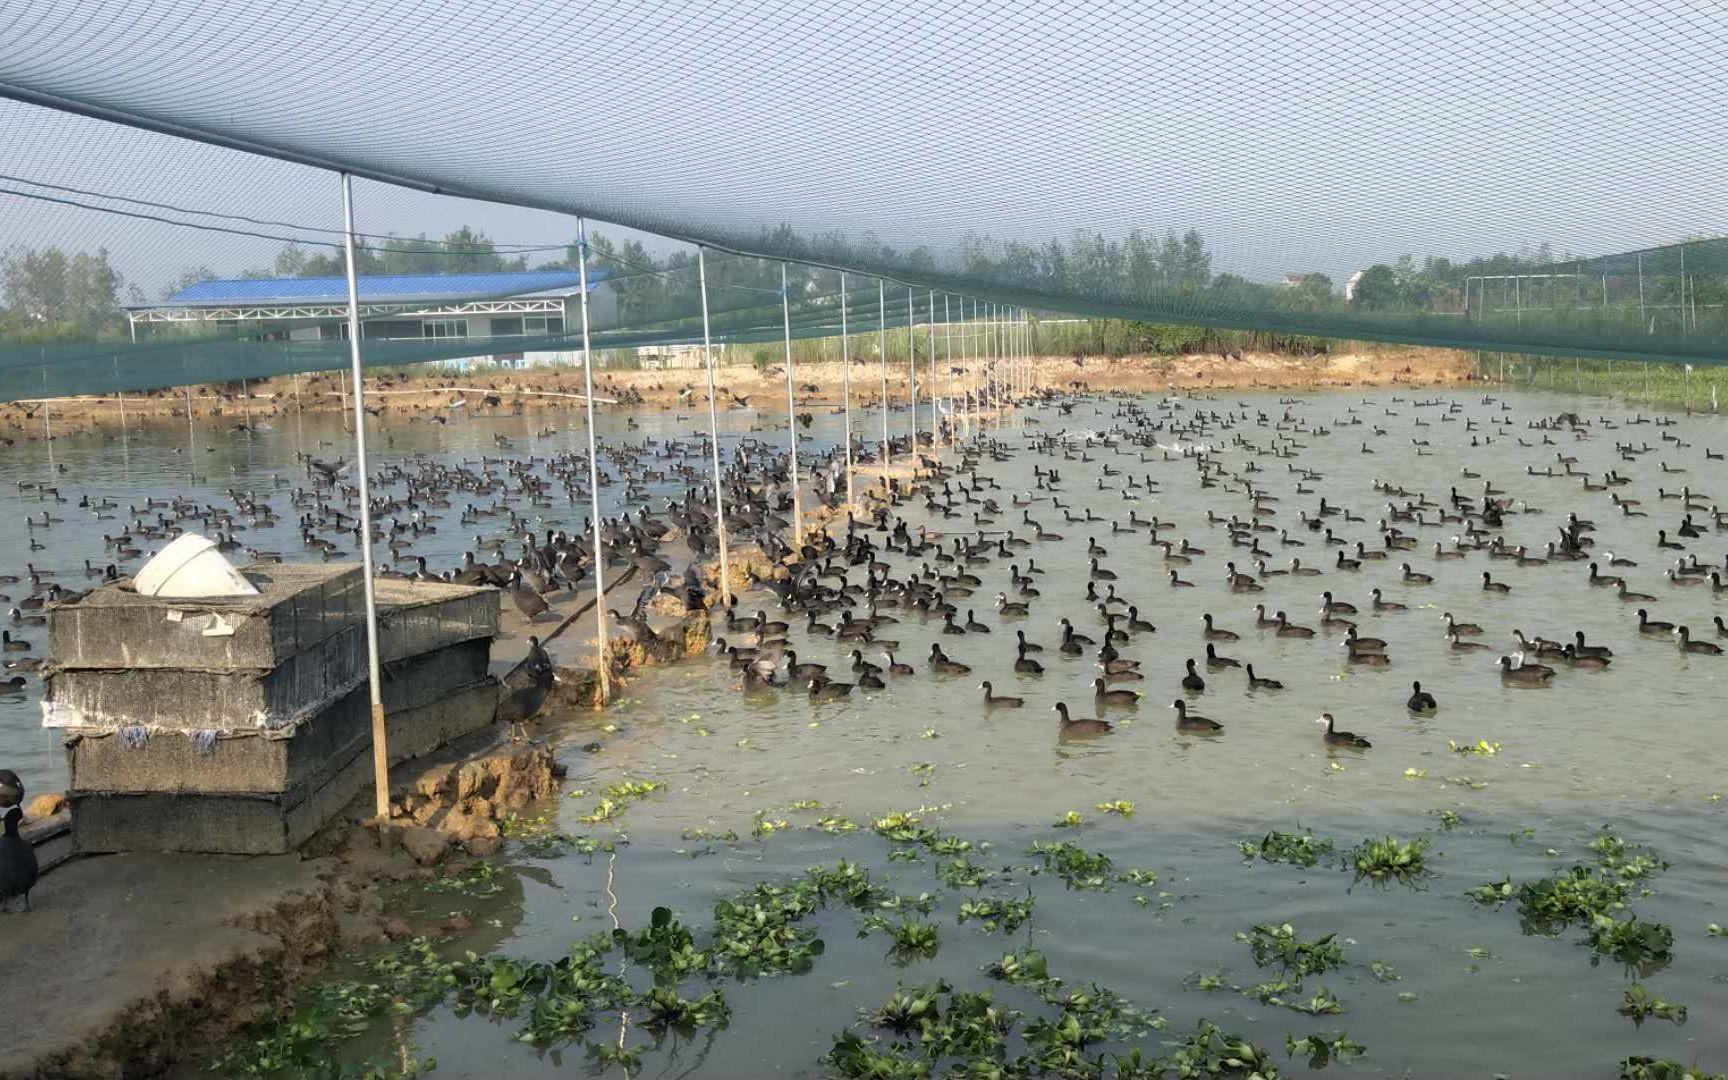 人工繁育野生动物之争:禁不禁、禁哪些、怎么禁图片